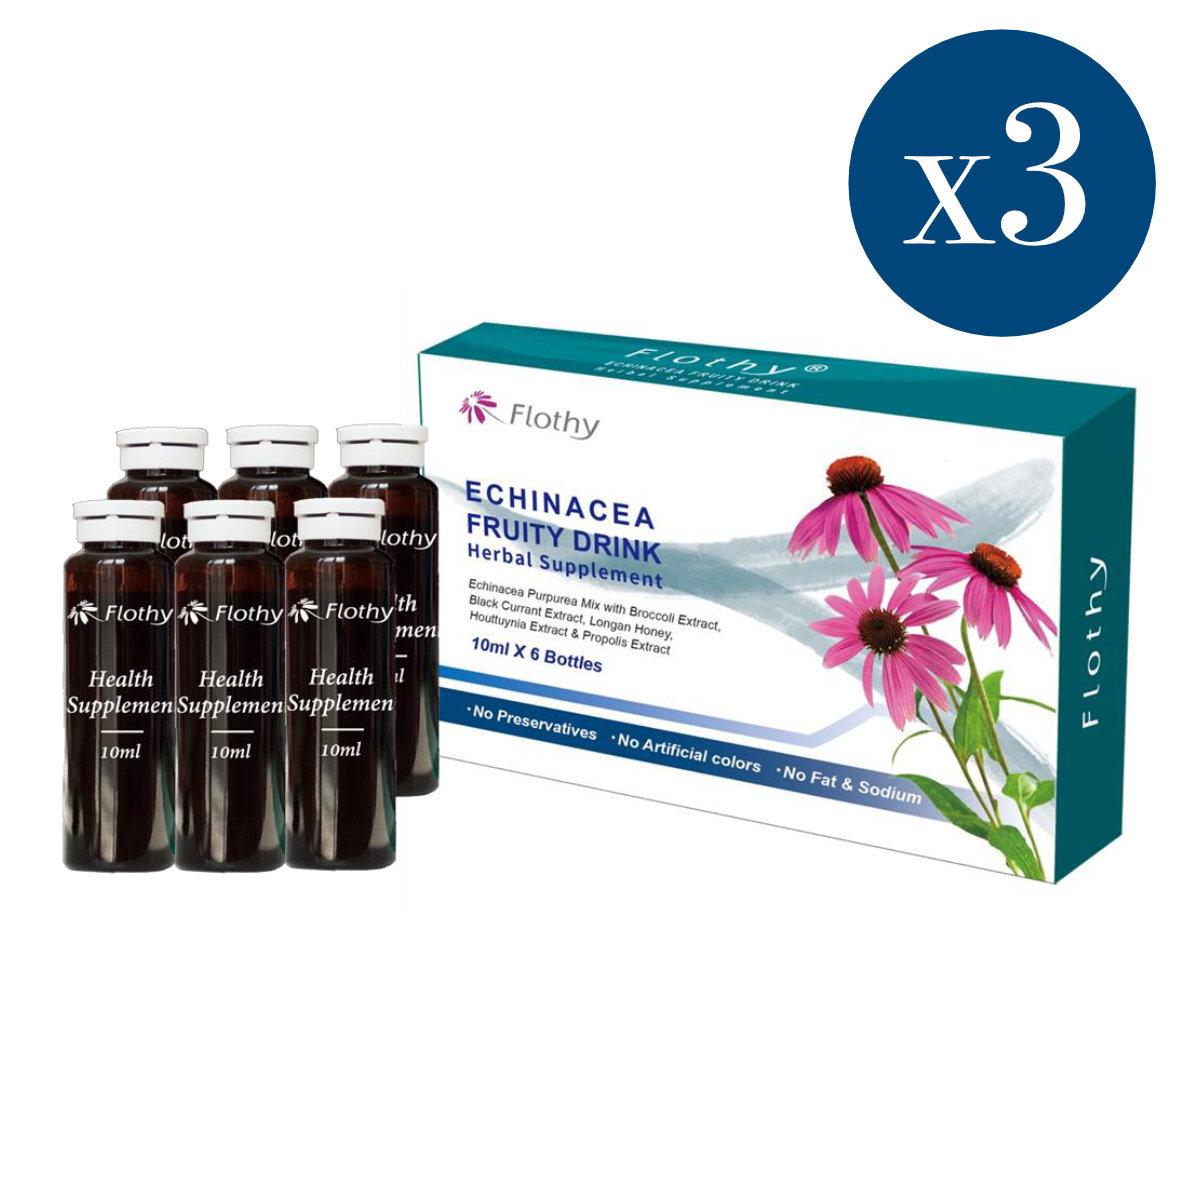 紫錐花天然飲 3盒 (10毫升 x 6)